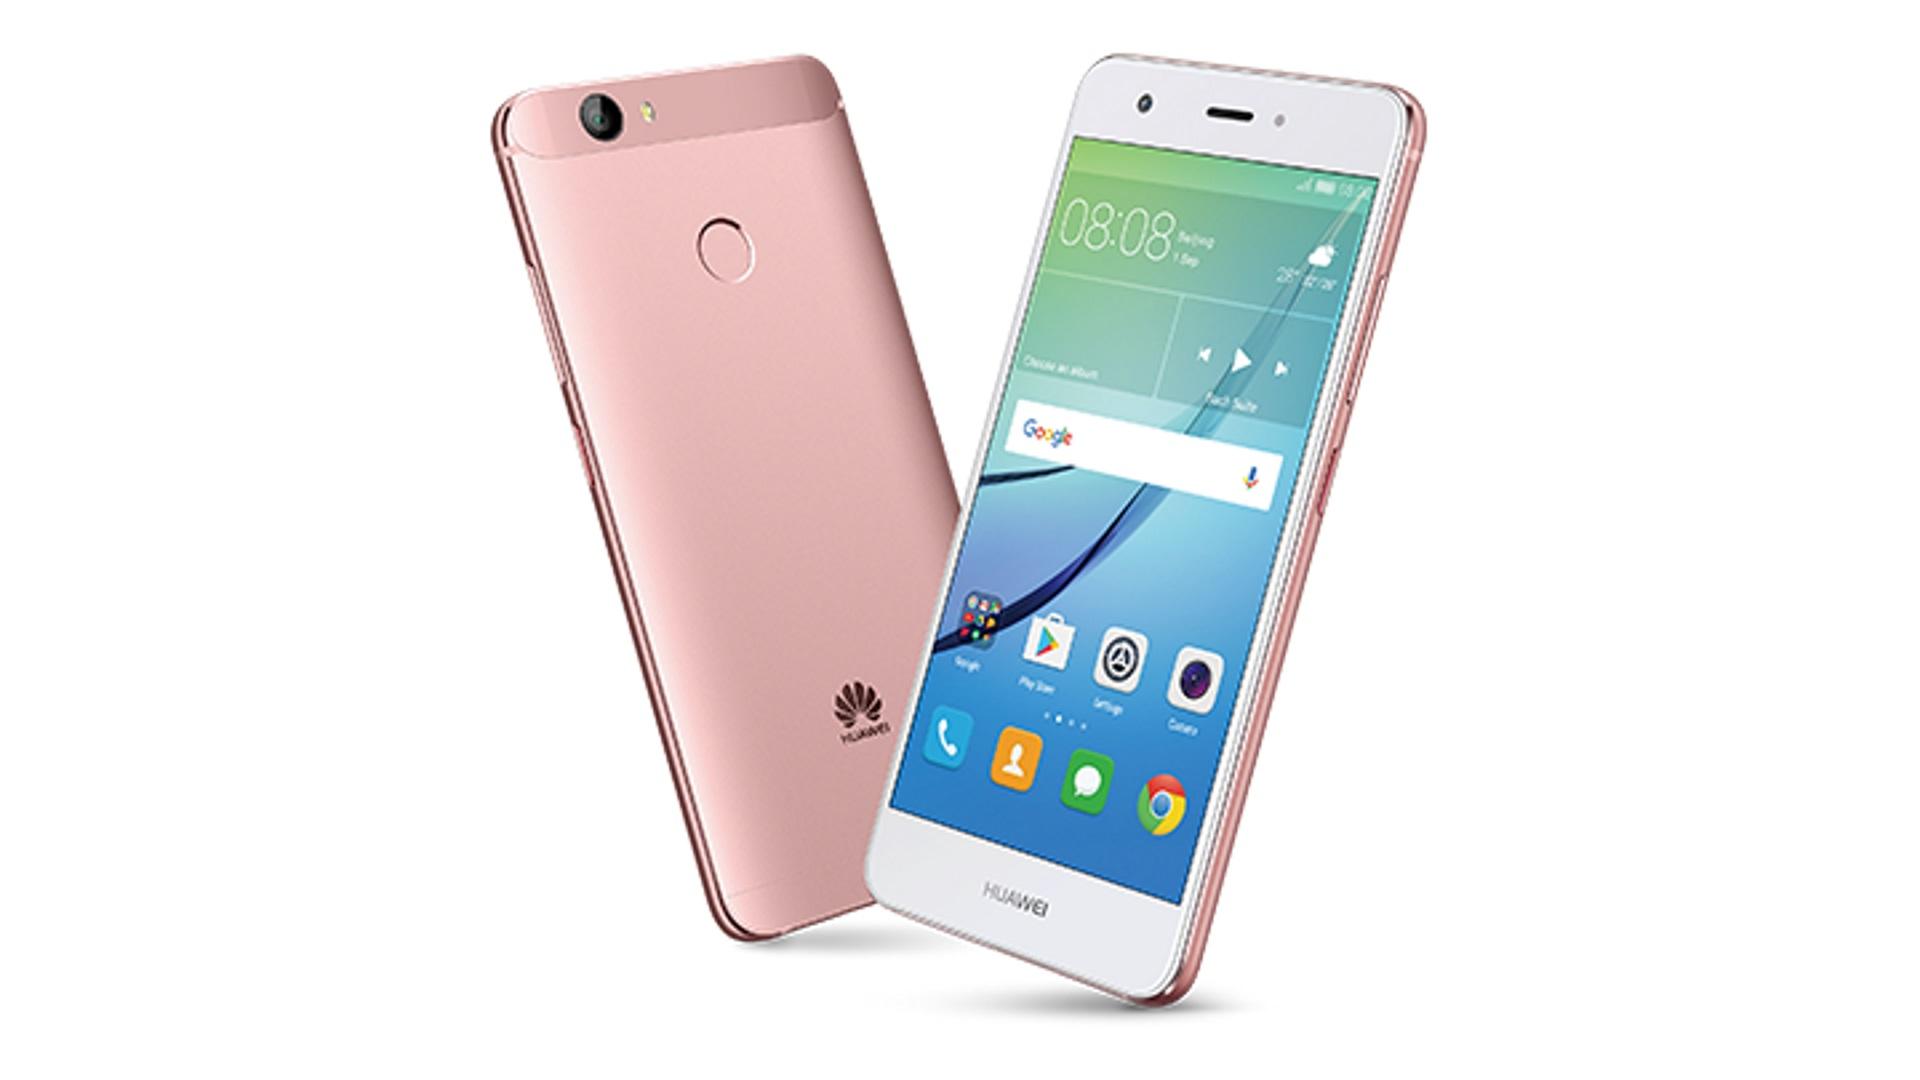 イオンが「Huawei nova」+SIM契約で本体代金10,000円引き、事務手数料1円&契約解除料なし